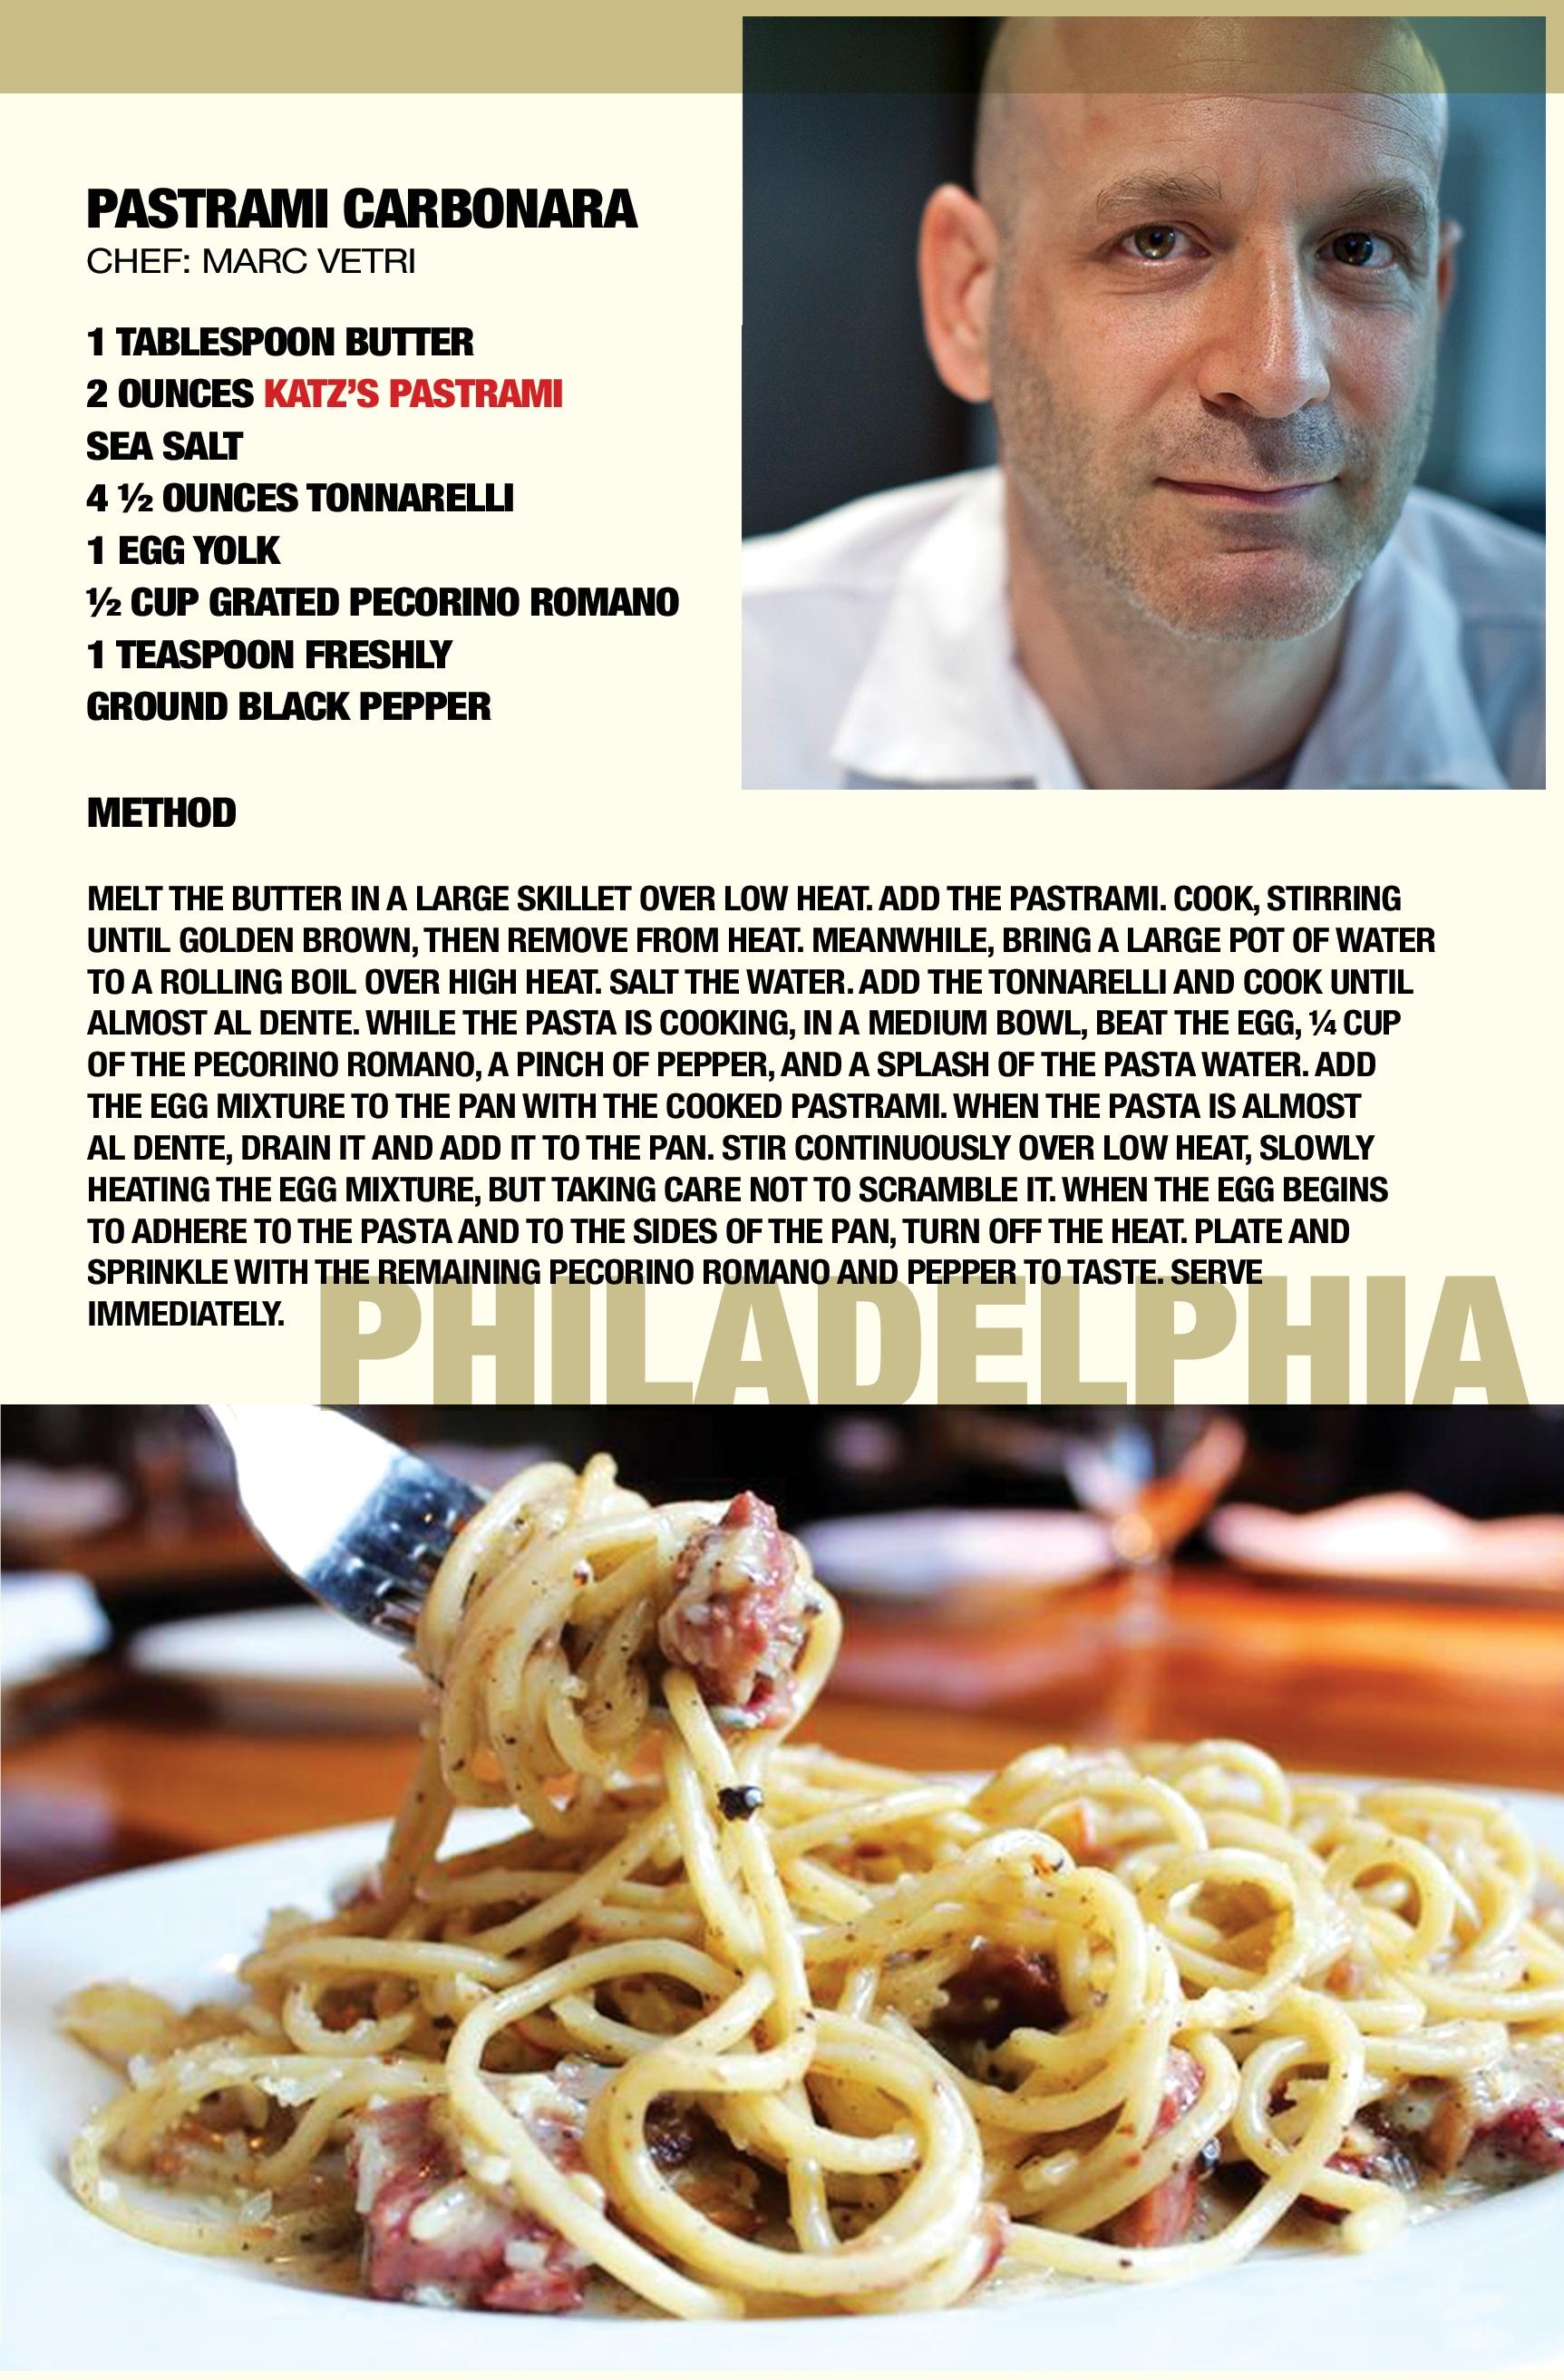 Pastrami Carbonara